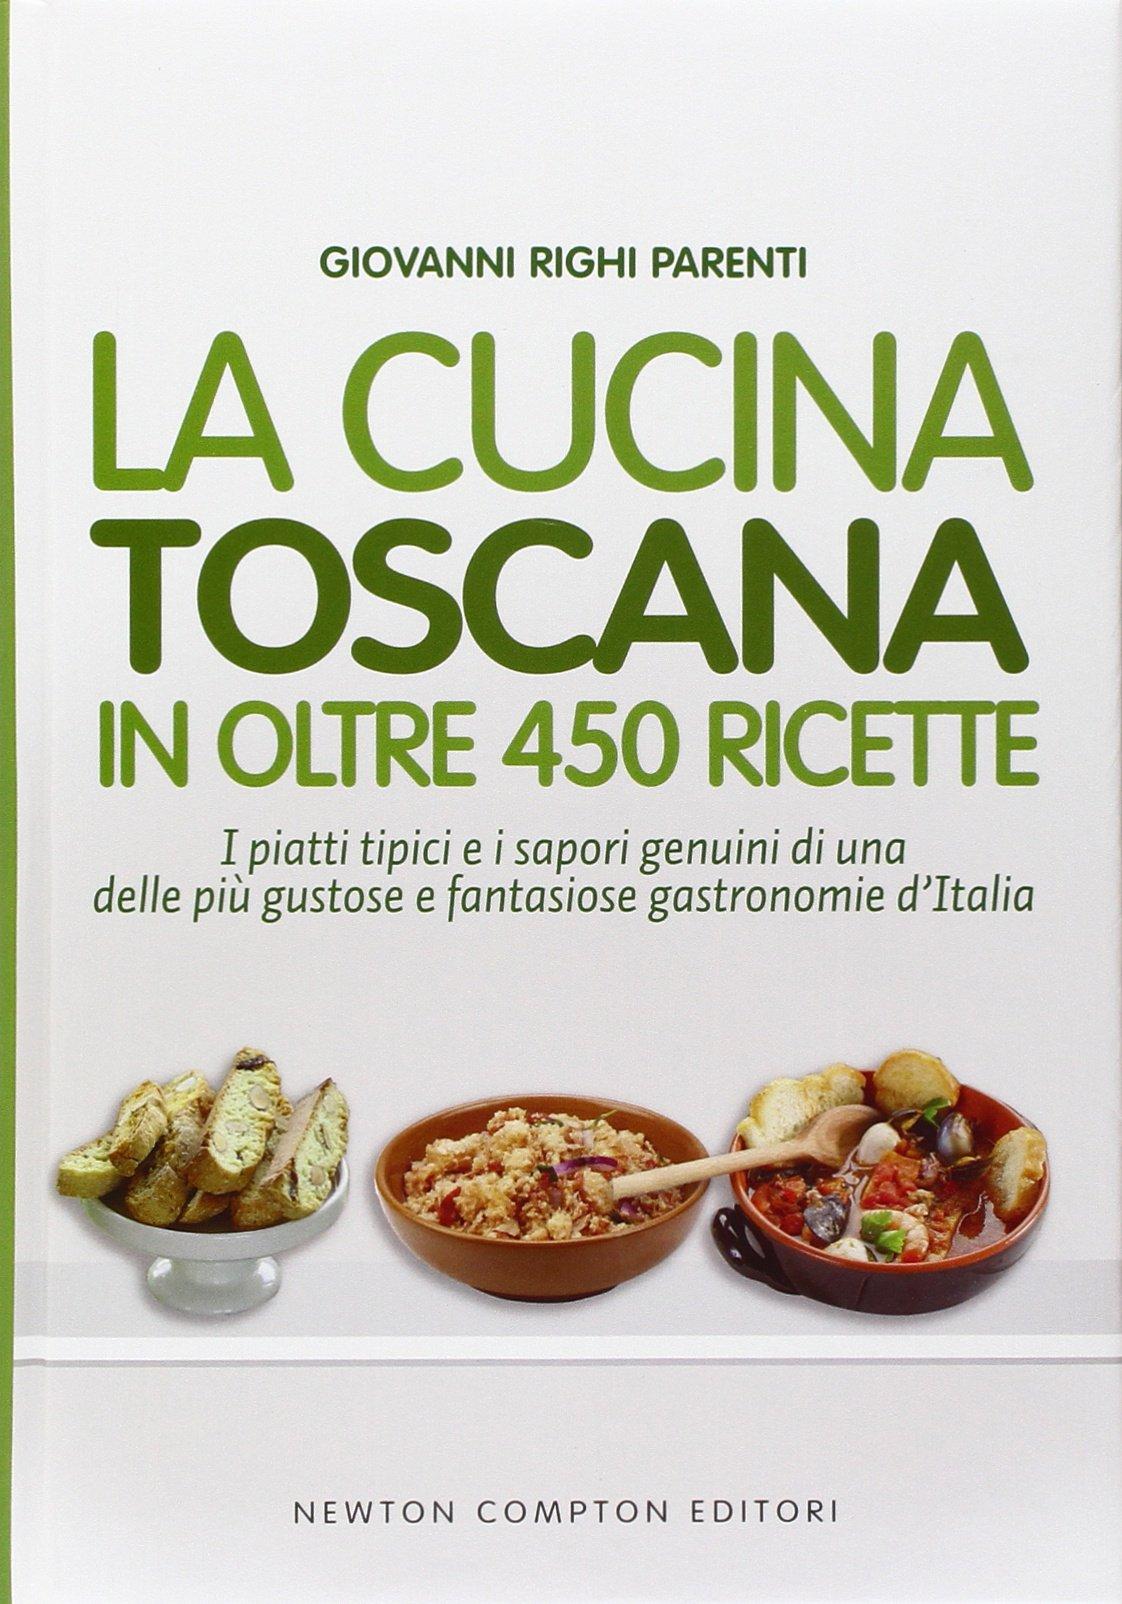 Amazon.it: La cucina toscana in oltre 450 ricette - Giovanni Righi ...